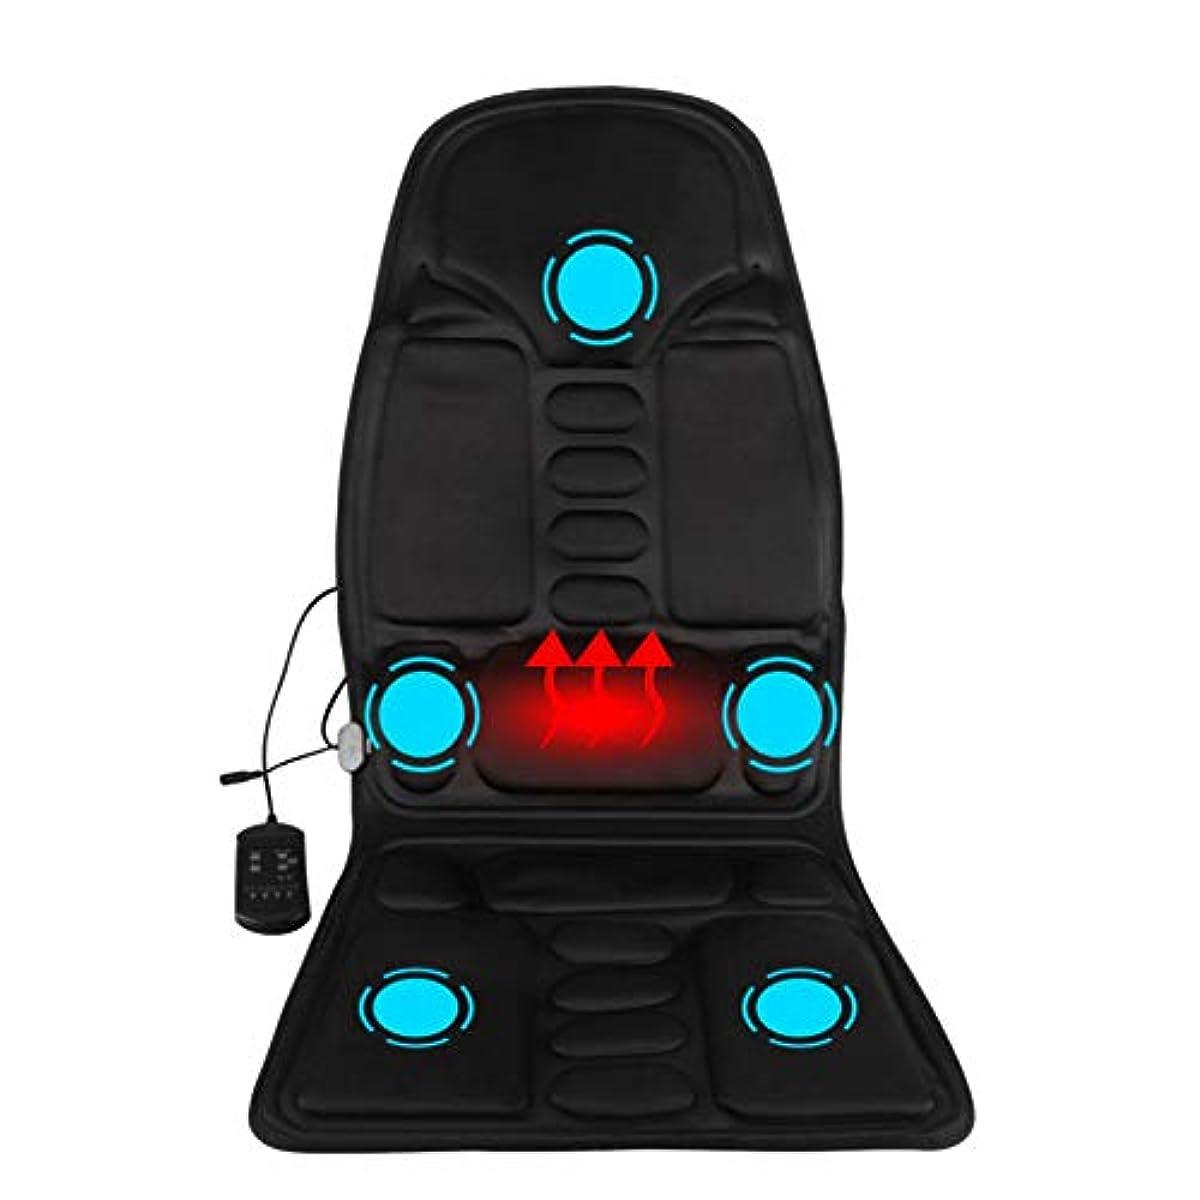 スケルトン遮るペチコートマッサージのあと振れ止めのクッション、車の総本店の5つの熱振動モーターを搭載する背部そして首全体のための携帯用マッサージャーの座席振動のマッサージ